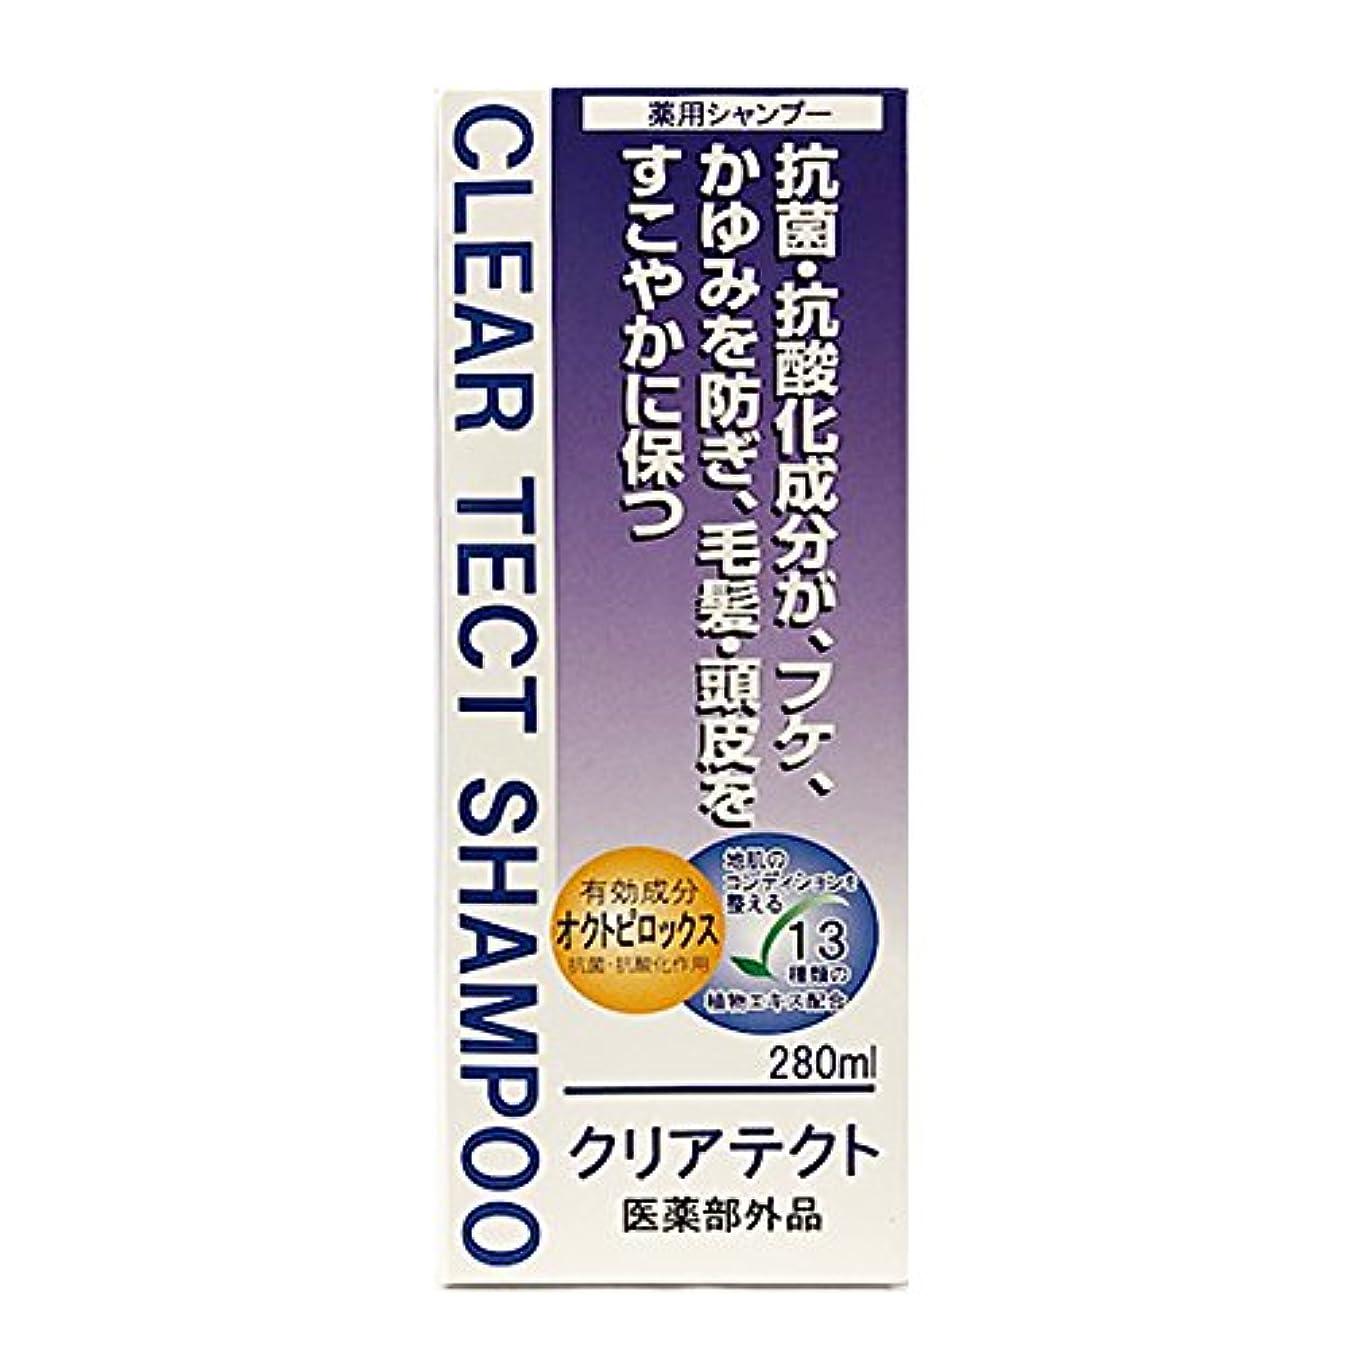 タバコ着服キリスト教【医薬部外品】クリアテクト薬用シャンプーa 280ml